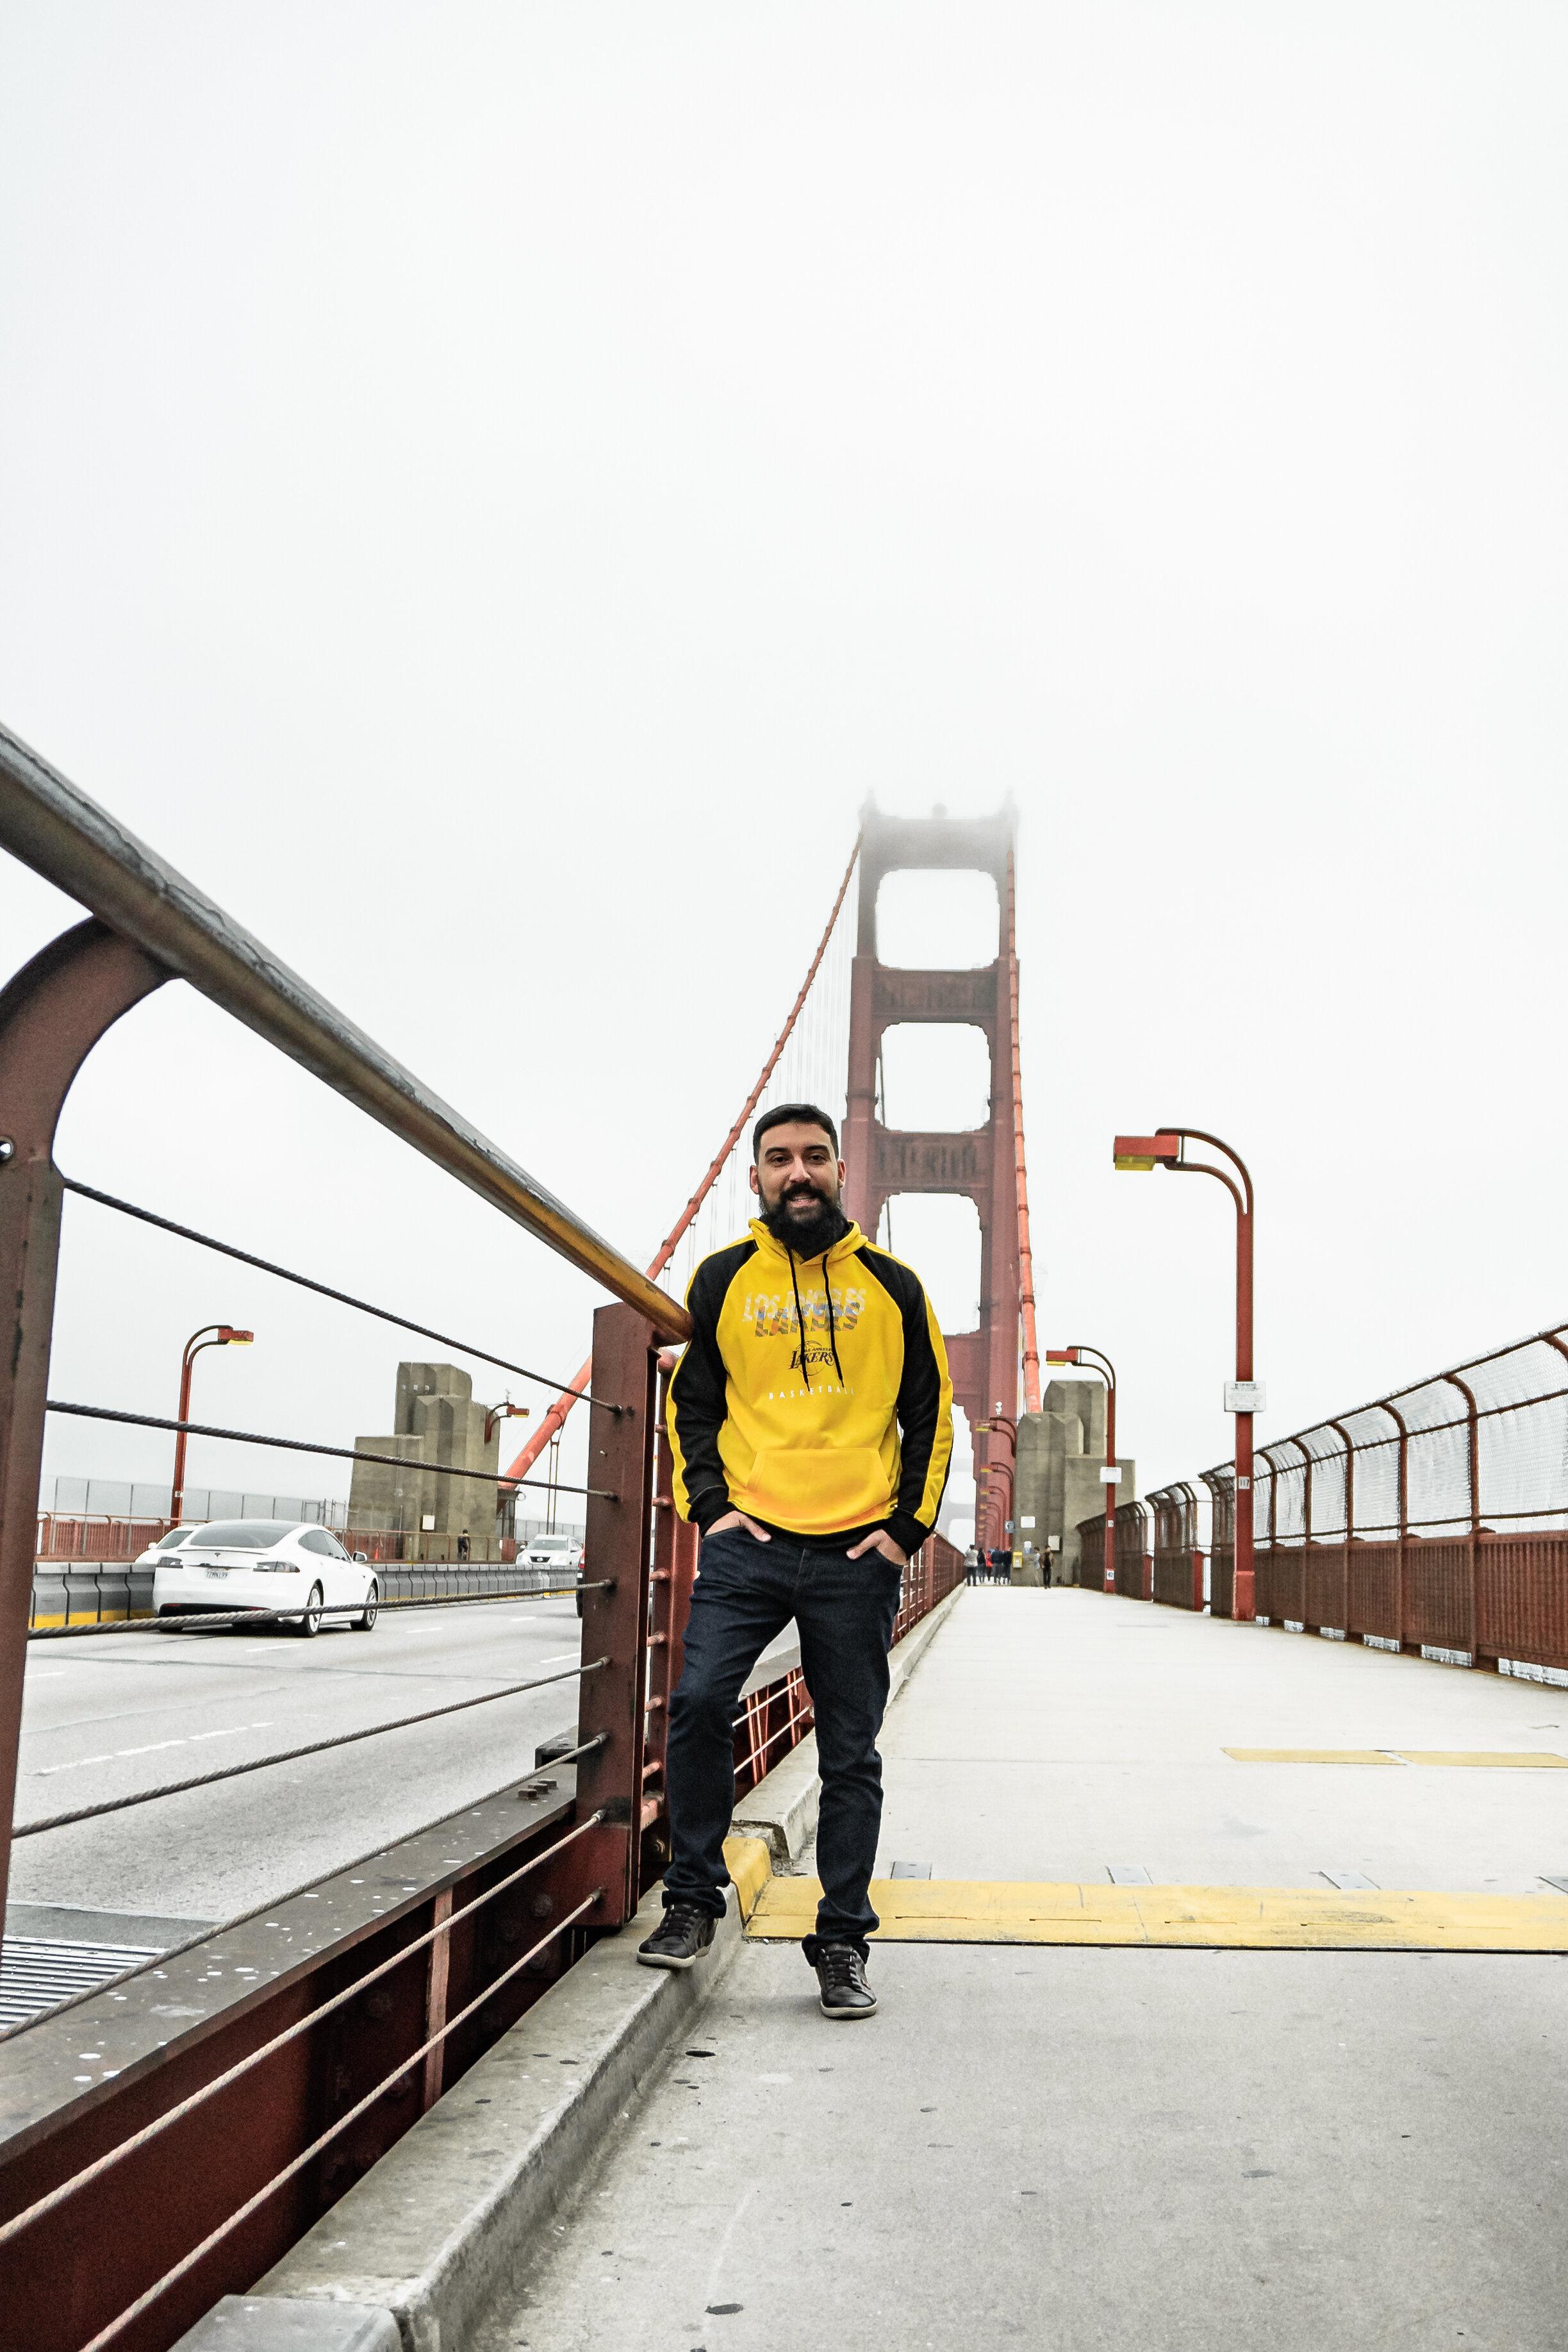 Ensaio Fotografico em Sao Francisco 09.jpg